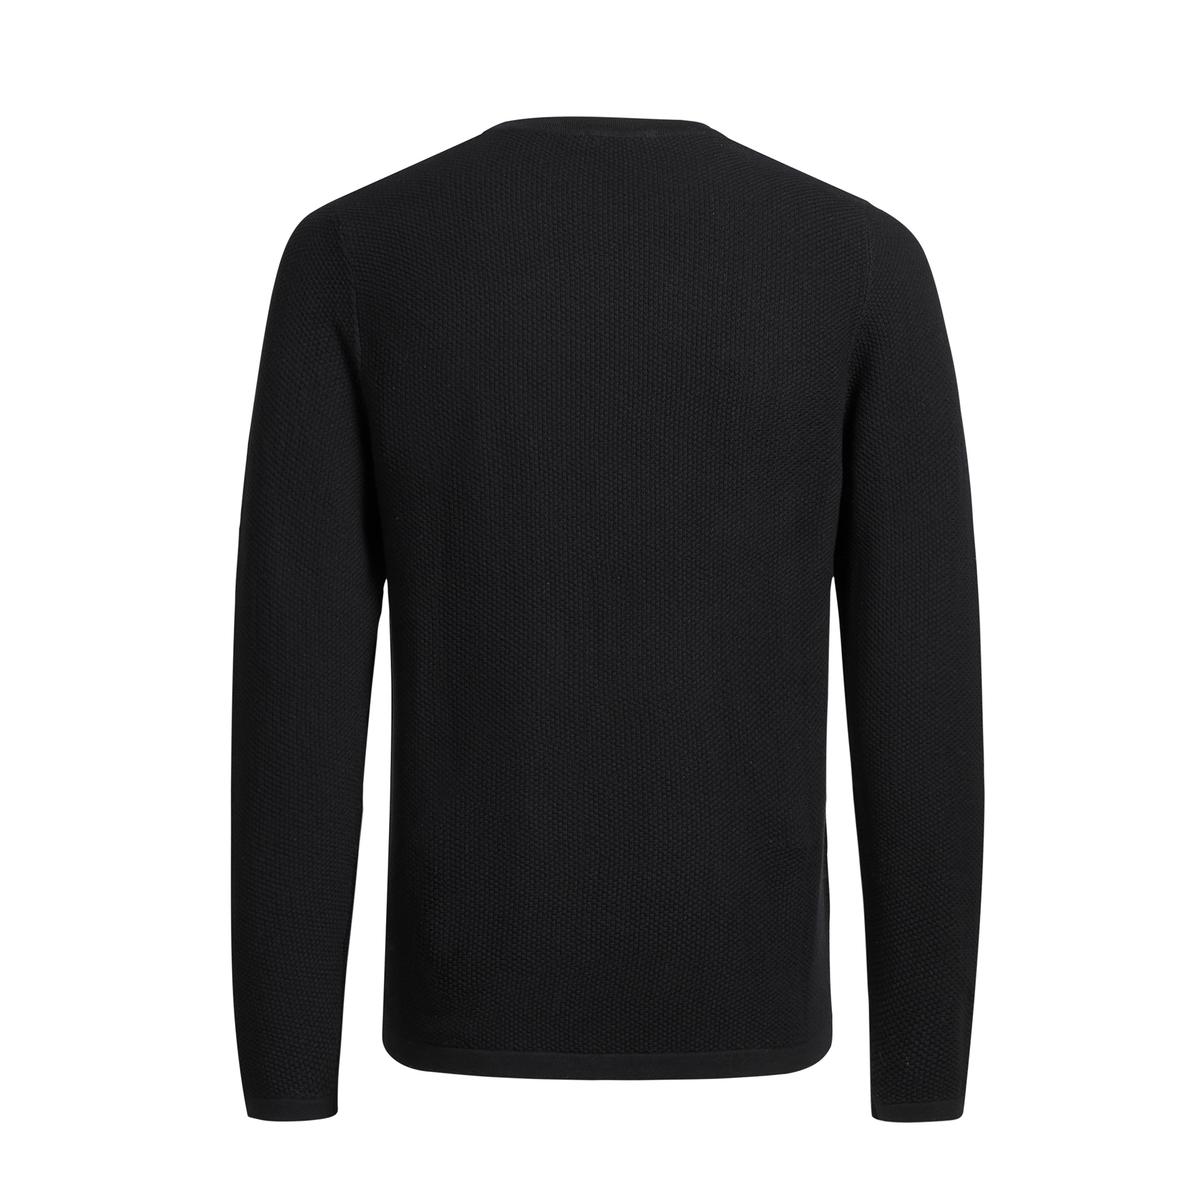 Пуловер из плотного трикотажа с круглым вырезомДетали •  Длинные рукава •  Круглый вырез •  Плотный трикотаж  •  Рисунок тай-энд-дай Состав и уход •  100% хлопок •  Следуйте советам по уходу, указанным на этикетке<br><br>Цвет: серый,черный<br>Размер: XXL